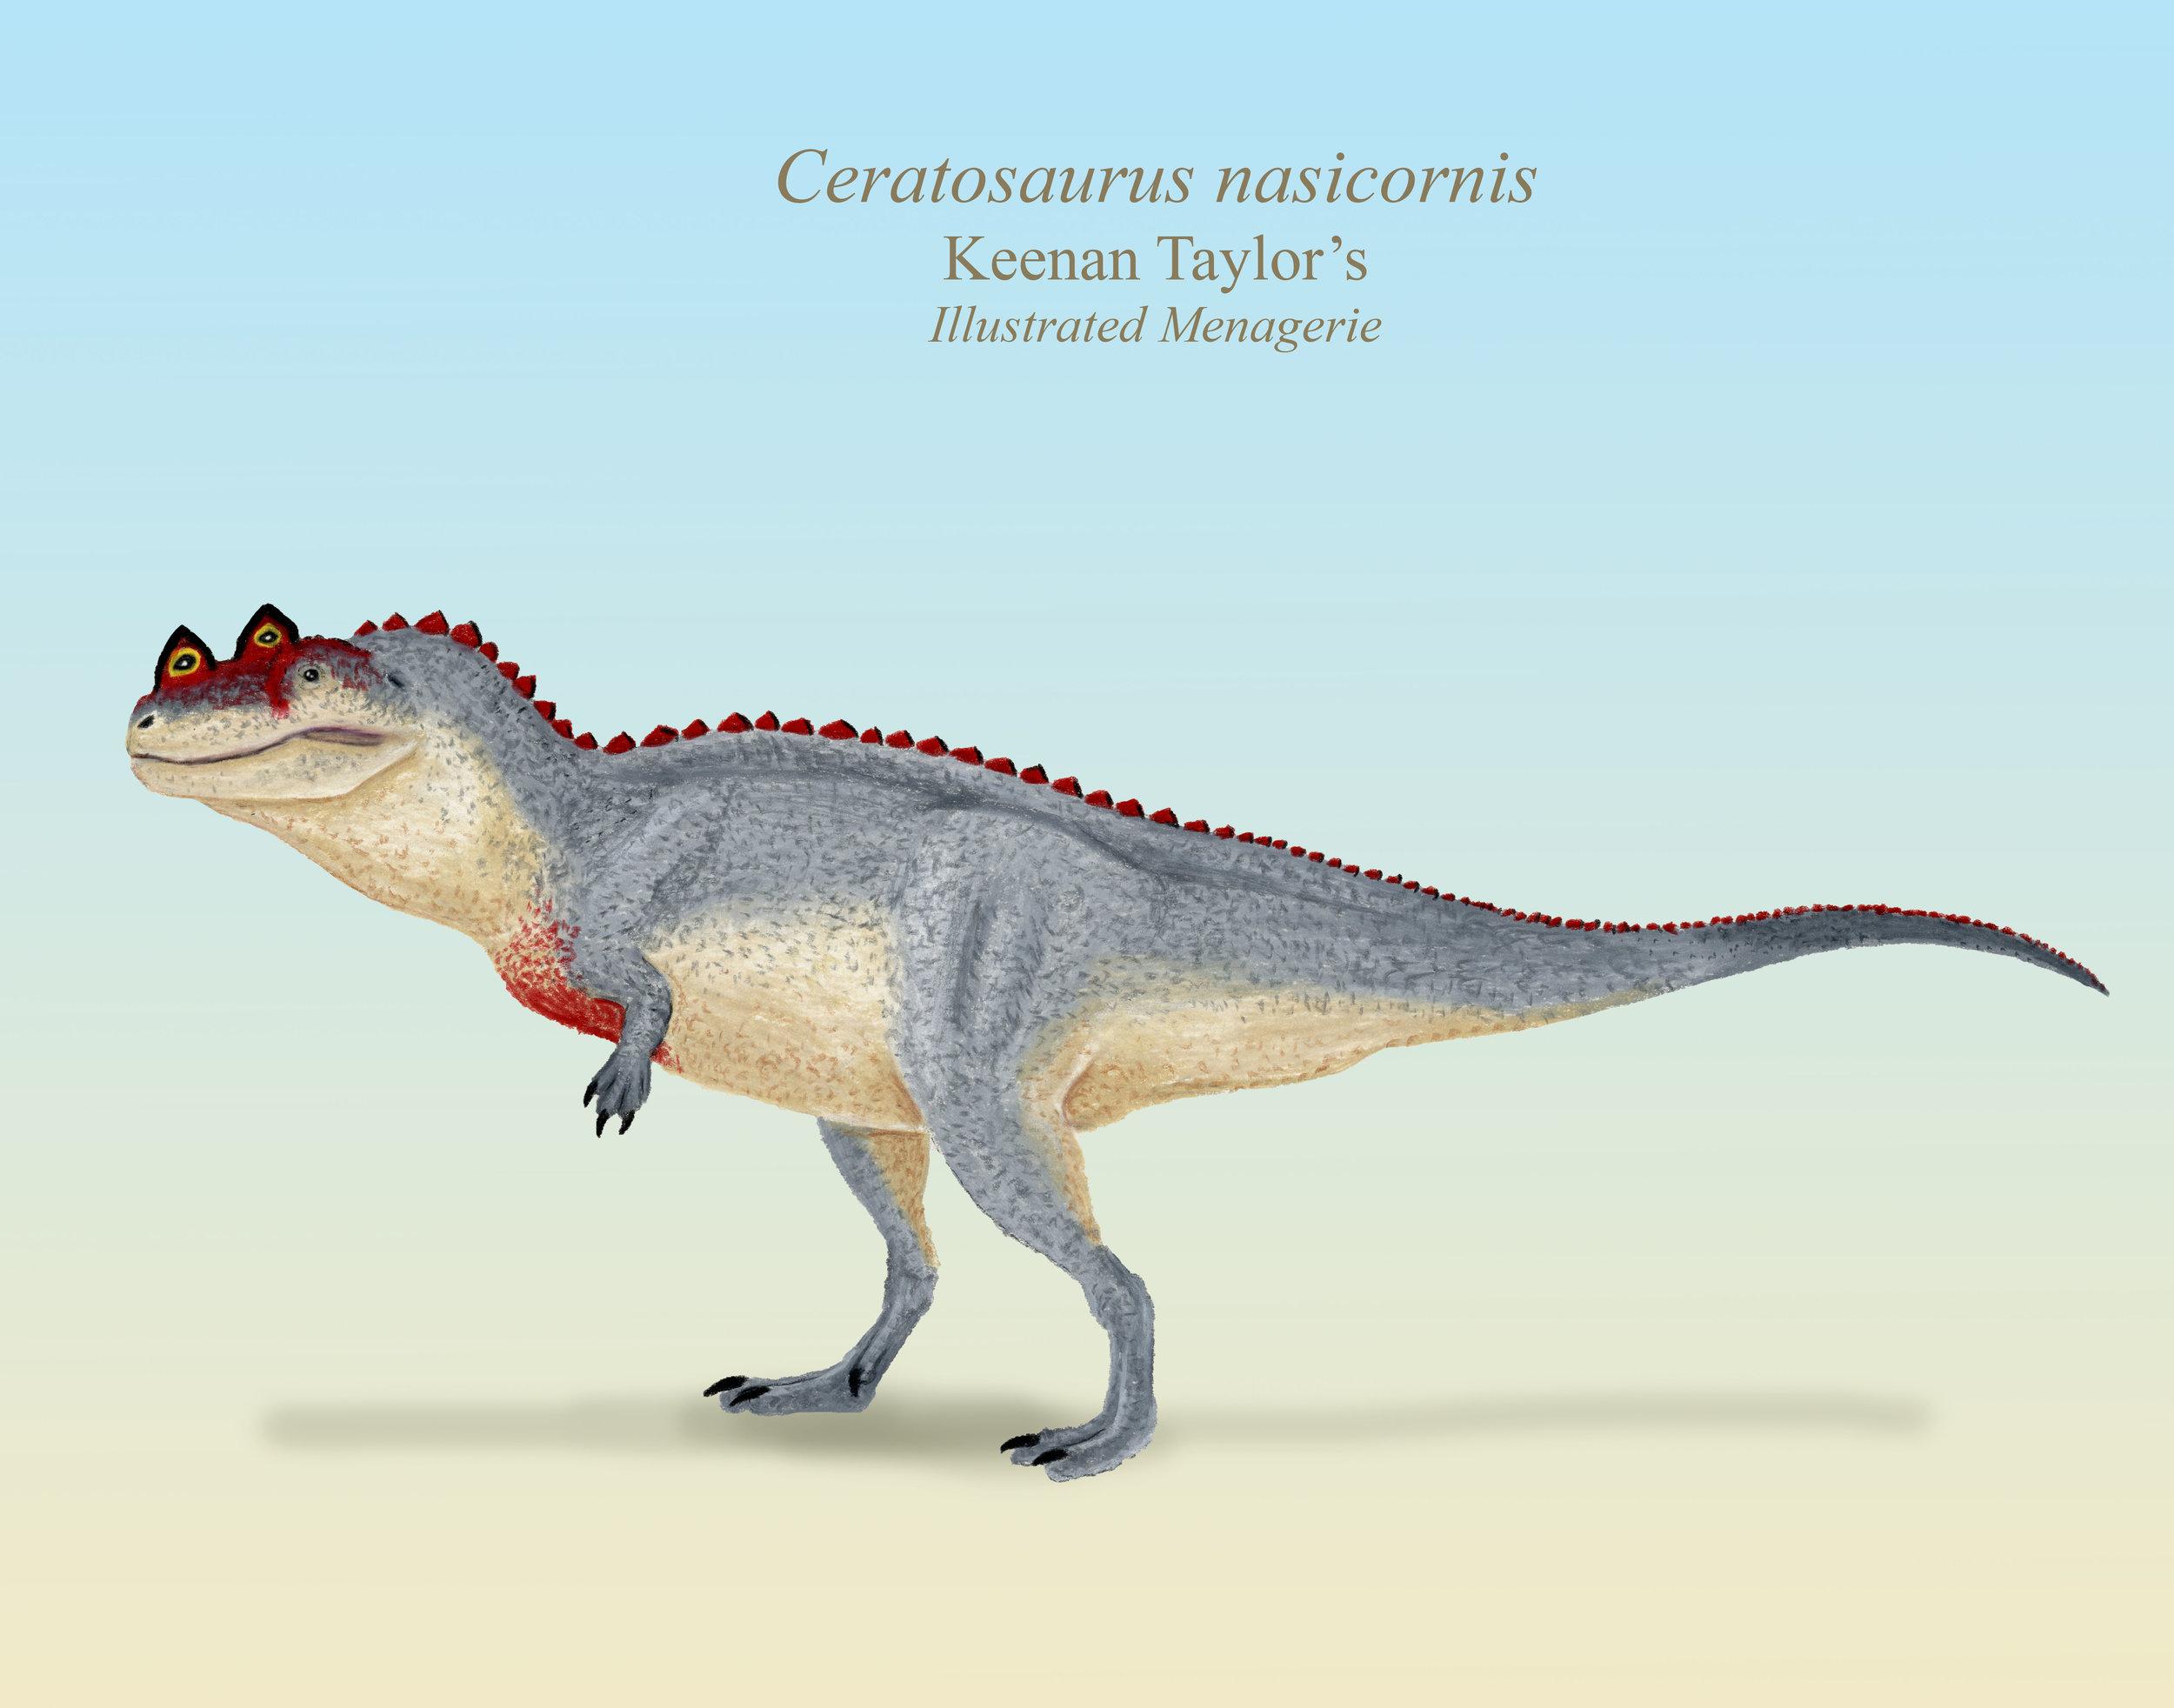 Ceratosaurus lateral